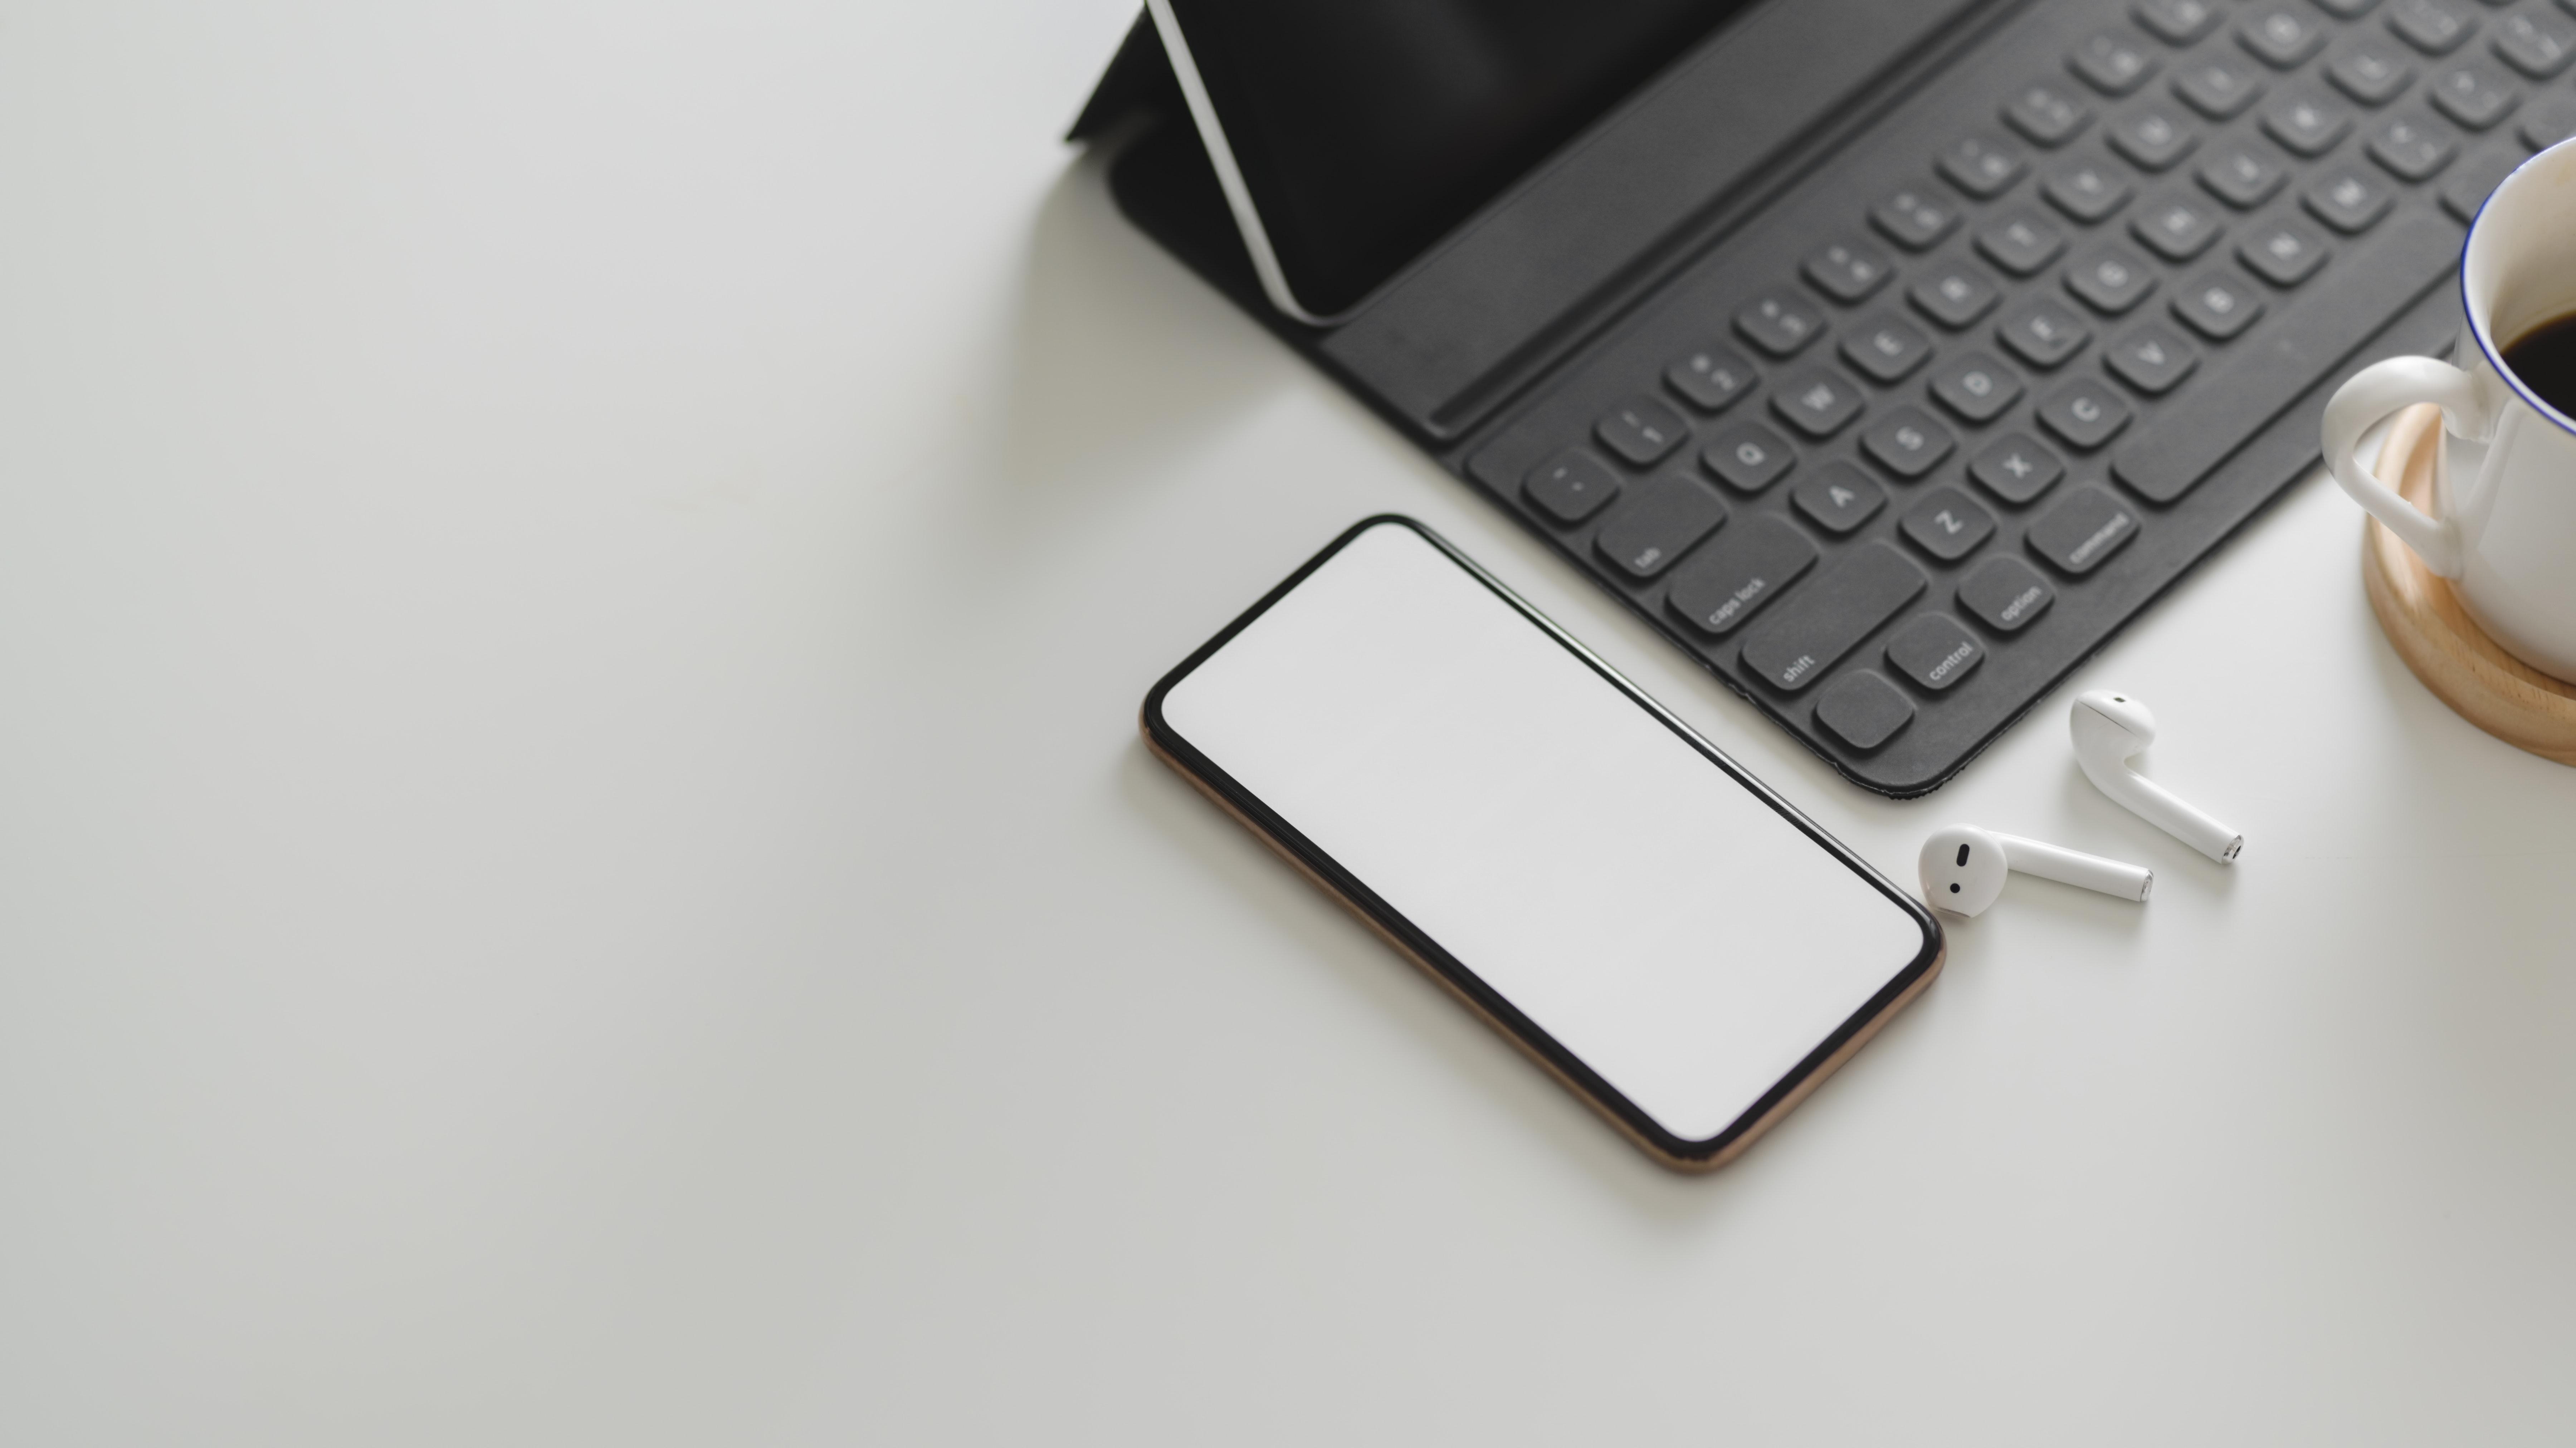 white-smartphone-near-black-keyboard-3821159